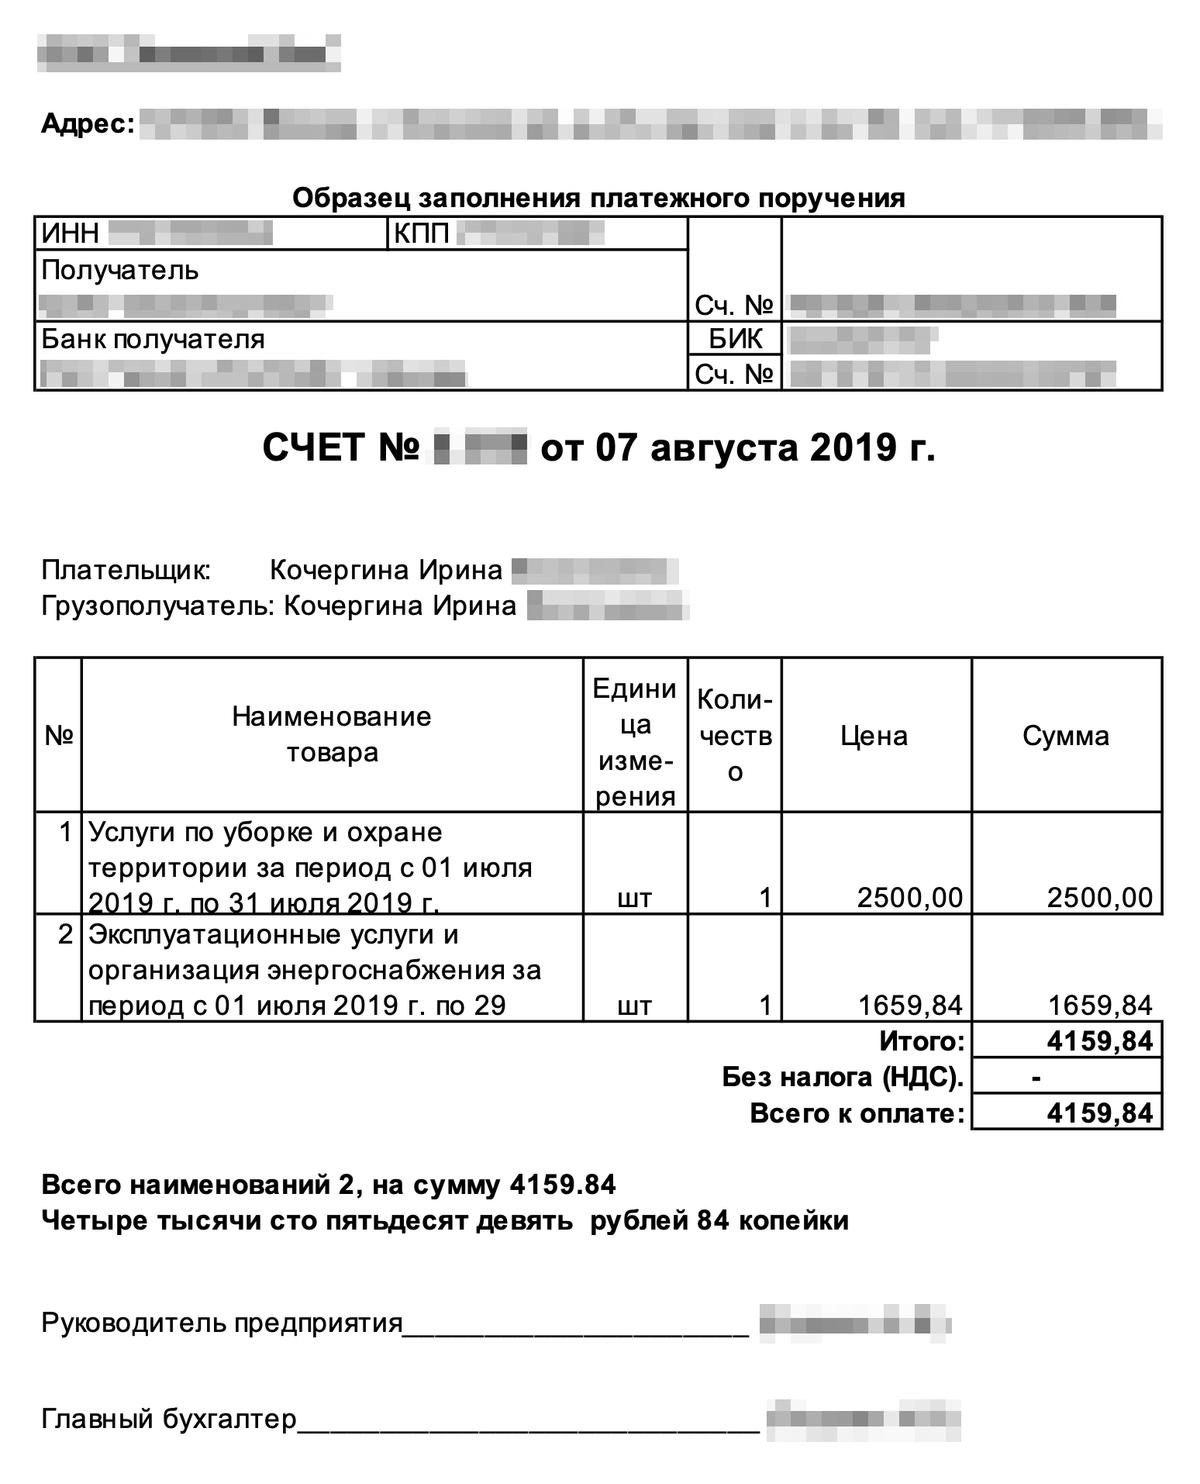 Так выглядел счет от УК на оплату электричества за июль 2019года: нет объема потребленной электроэнергии и стоимости тарифа, только итоговая сумма дляоплаты